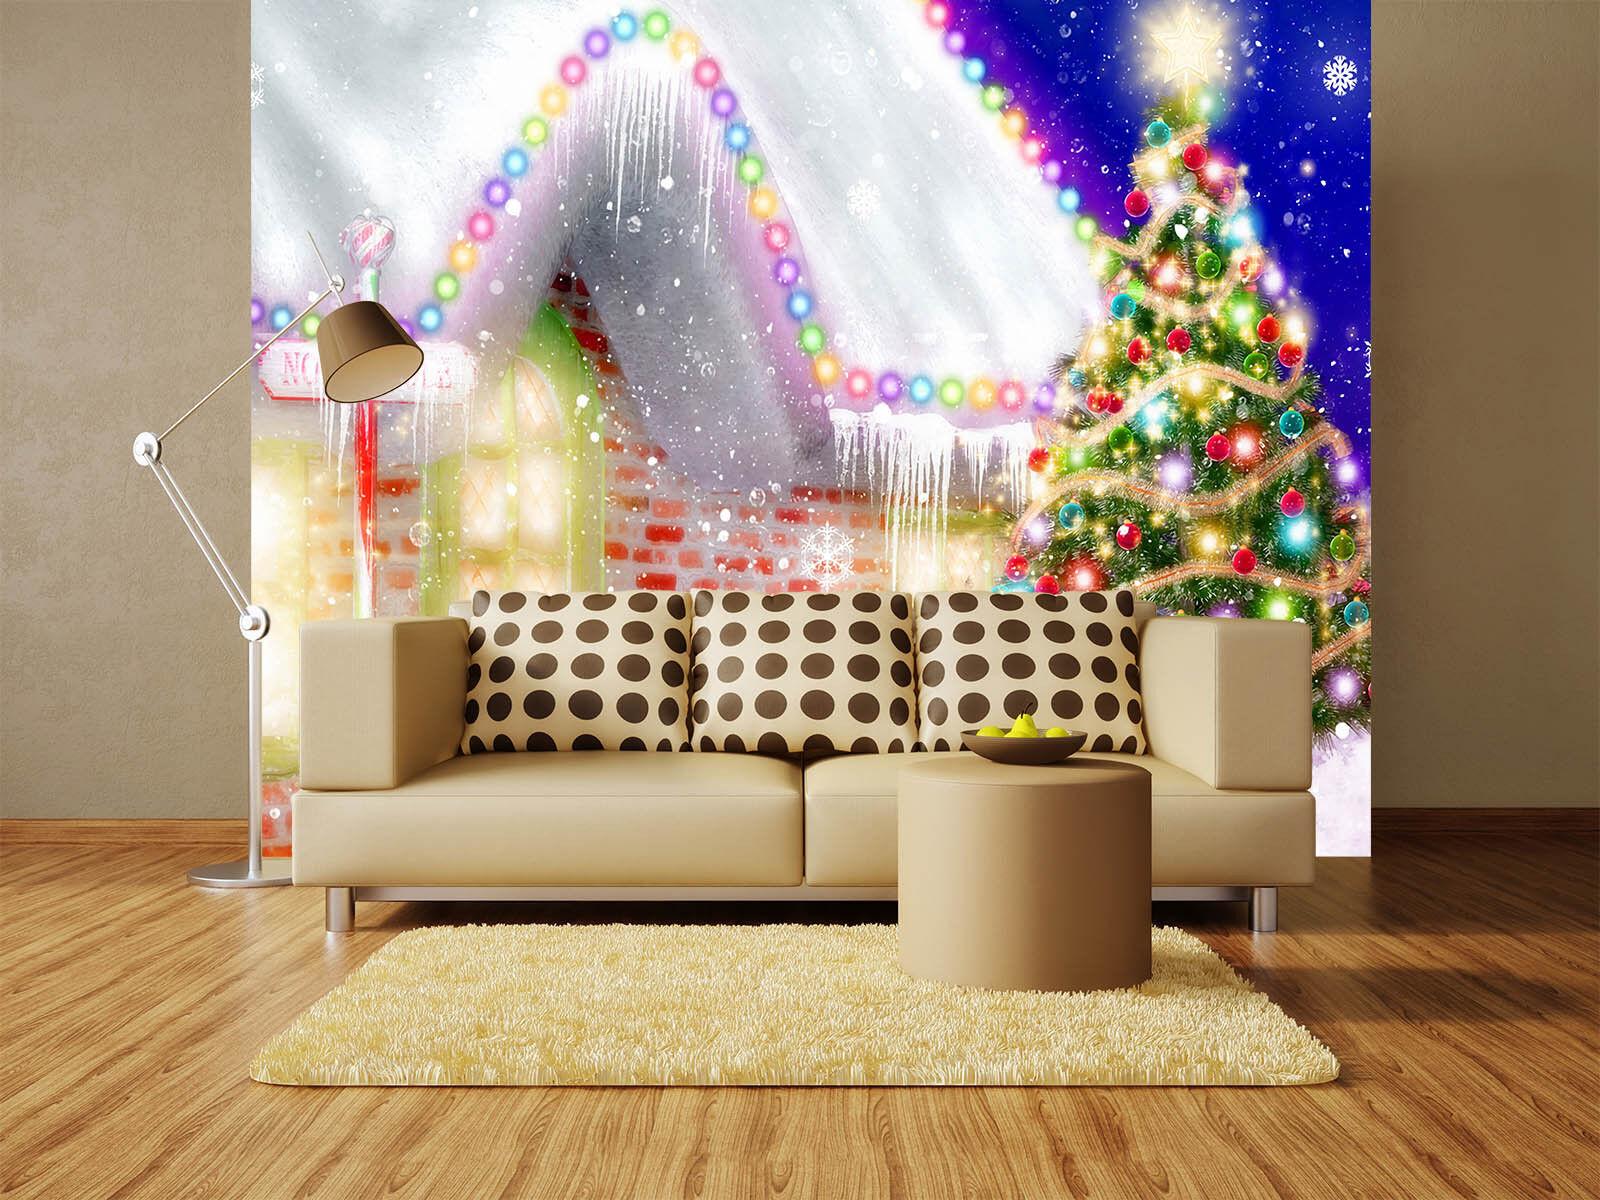 3D Weißes Haus 9892 Fototapeten Wandbild Fototapete BildTapete Familie DE